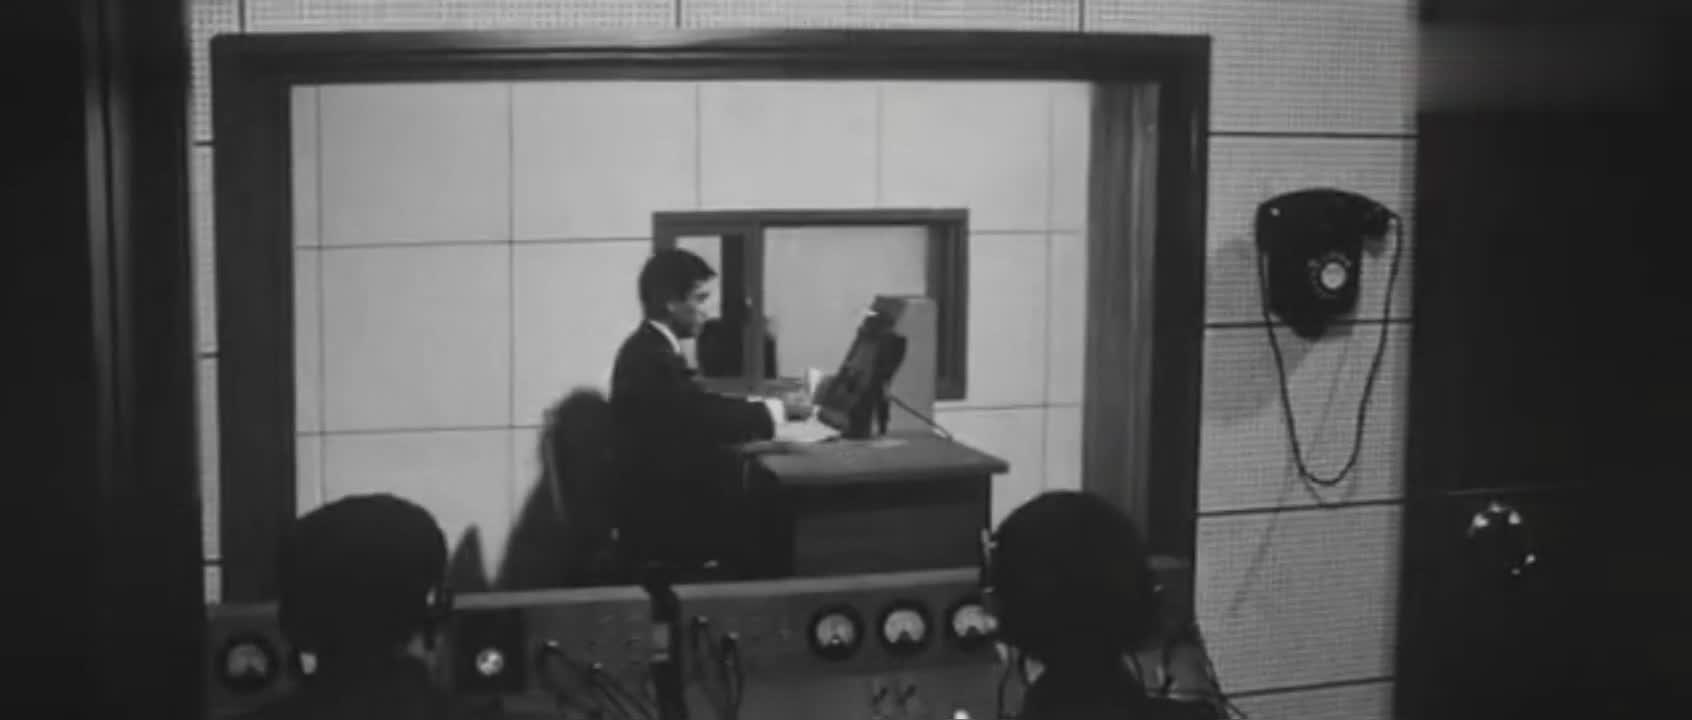 日本战败,日本天皇通过录音发表投降